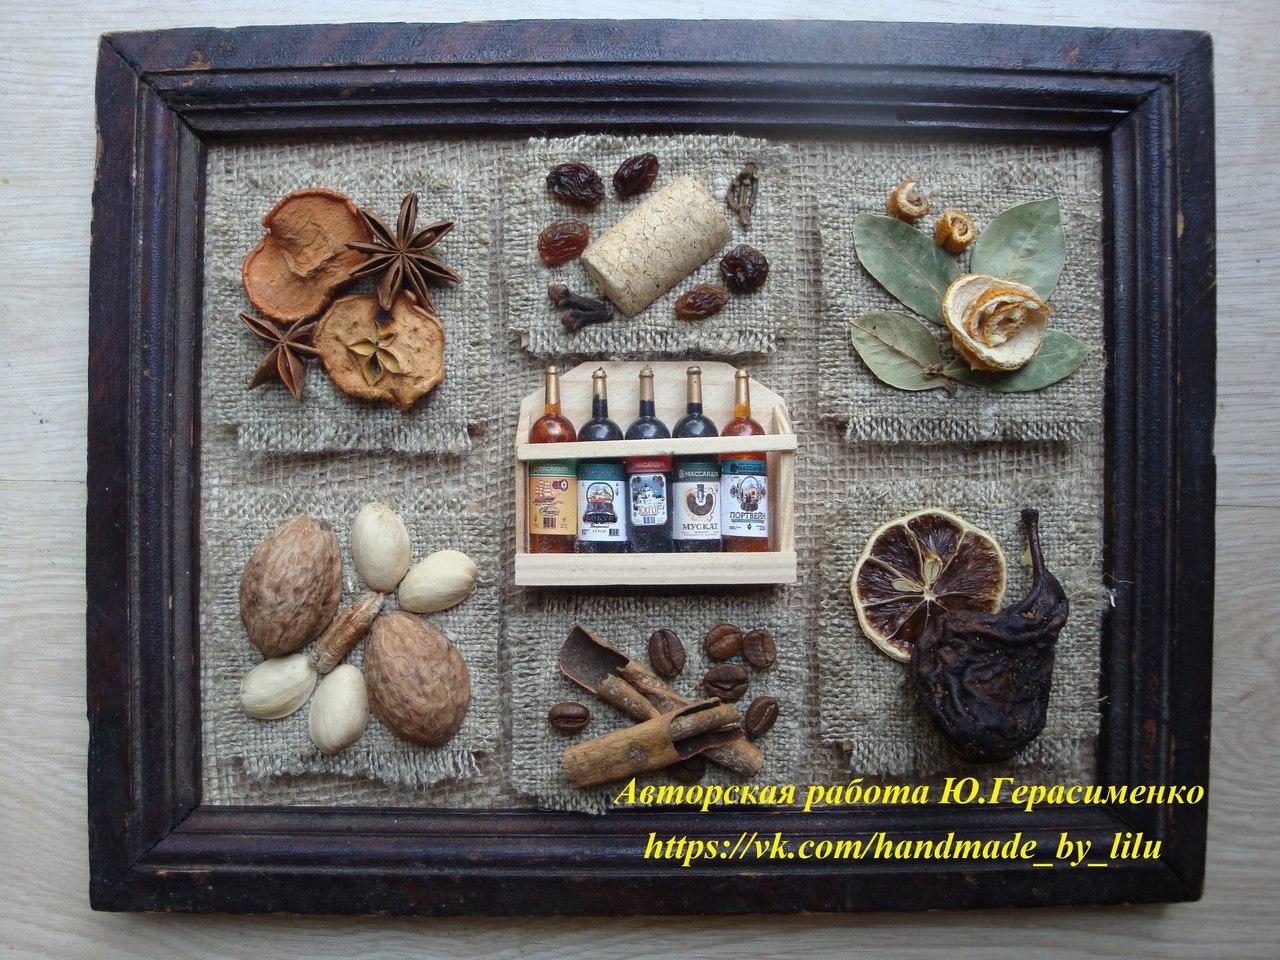 Картина из сыпучих продуктов